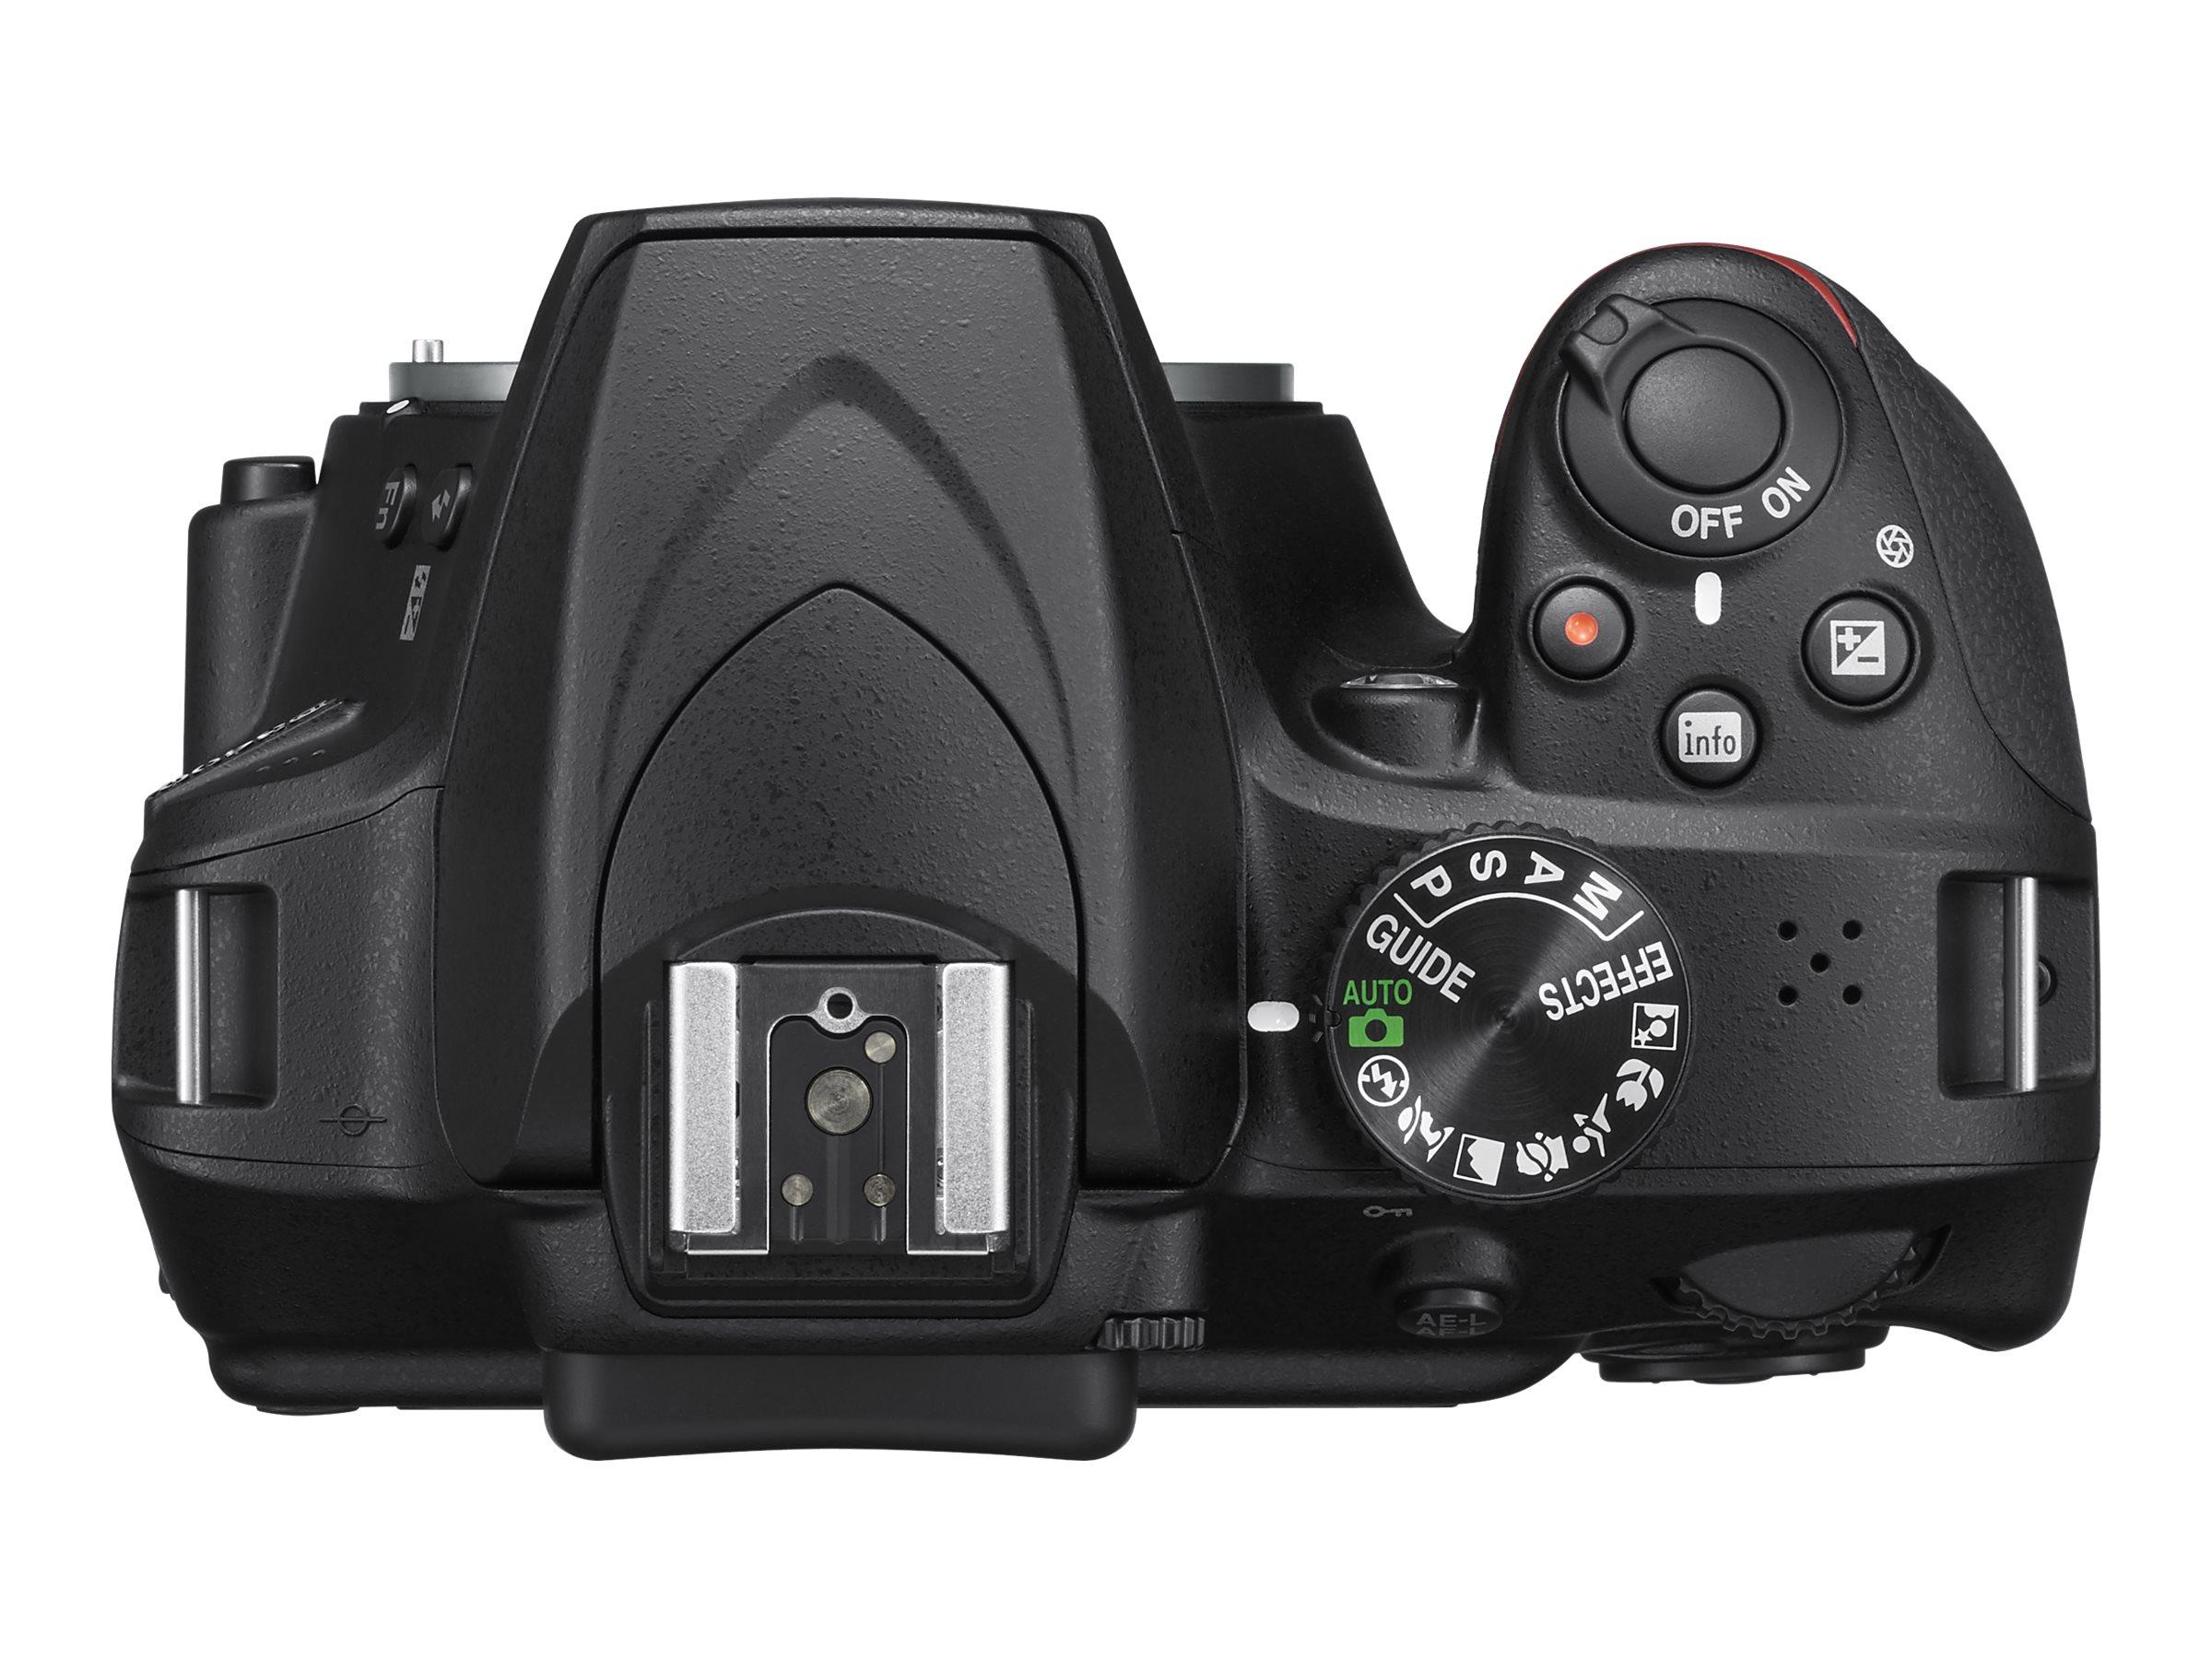 Old Nikon D3400 Manual Aperture Nikon D3400 Manual Exposure Rent To Own Nikon Dslr Camera Dx G Vr Dx G Vr G Ed Lenses Black Flexshopper Rent To Own Nikon Dslr Camera dpreview Nikon D3400 Manual